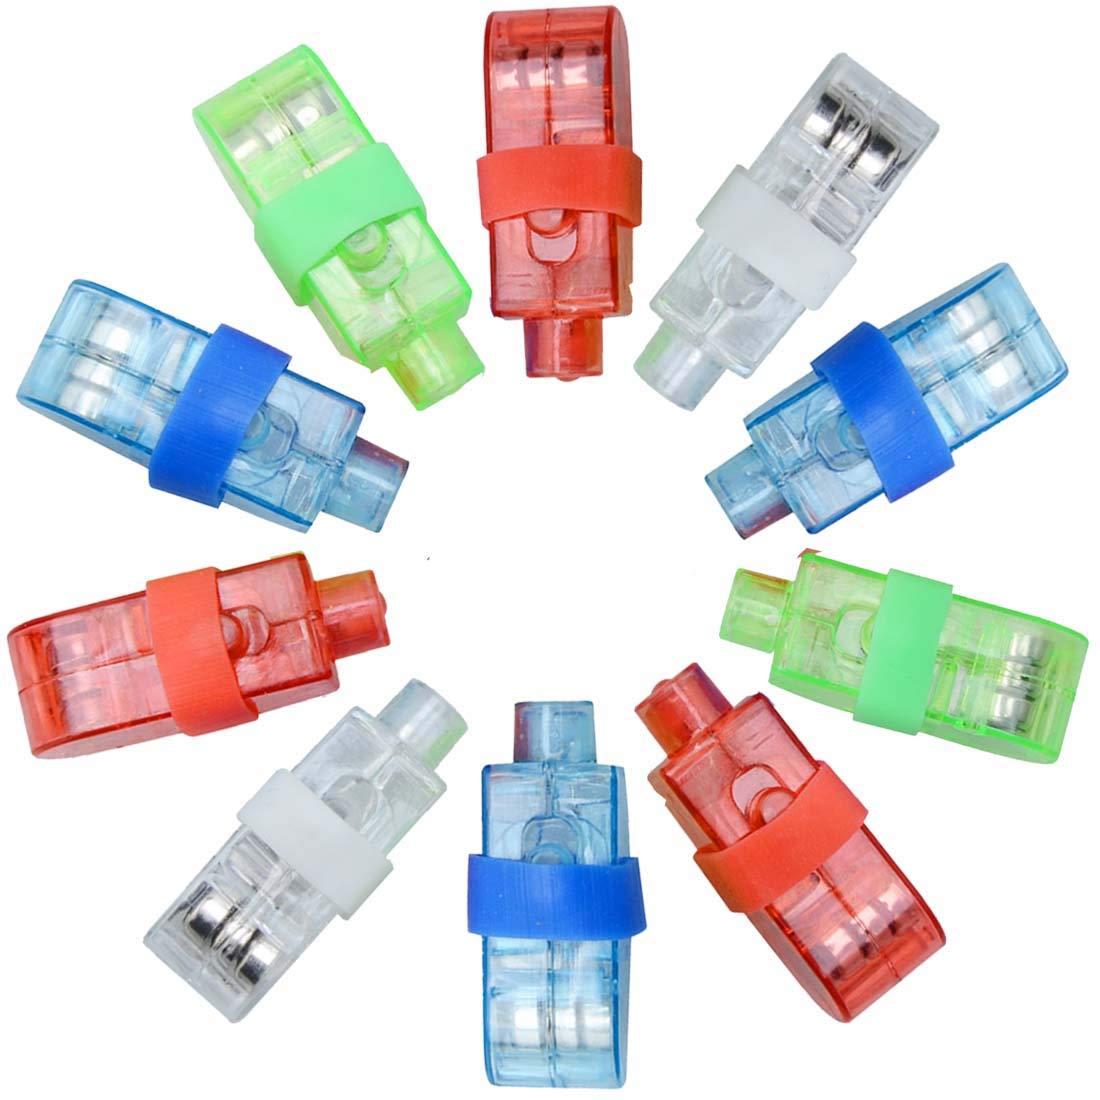 Syolee Lot de 20 lumiè res LED de doigt lsuper lumineuses Lampe de poche Idé al pour les jouets Accessoires de fê te